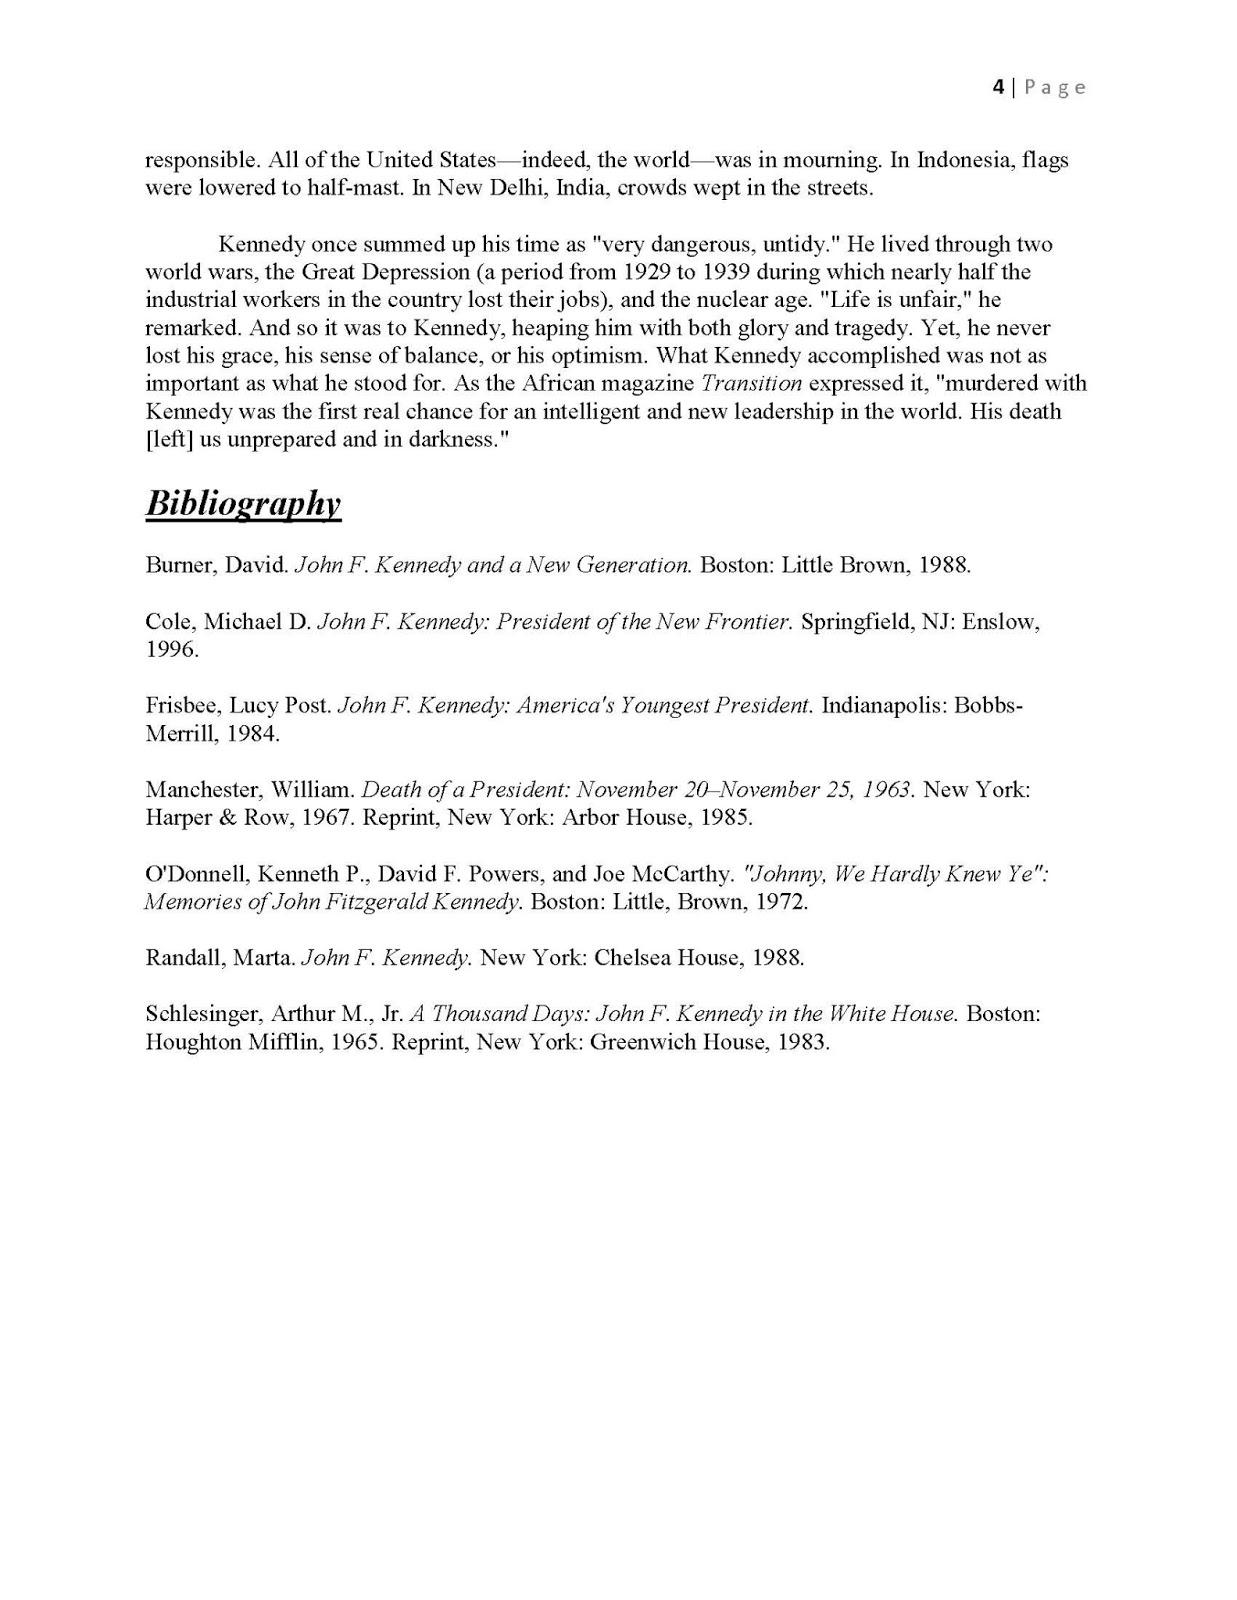 018 Jfkmlashortformbiographyreportexample Page 4 Diversity Essay Sample Fascinating Law School Full